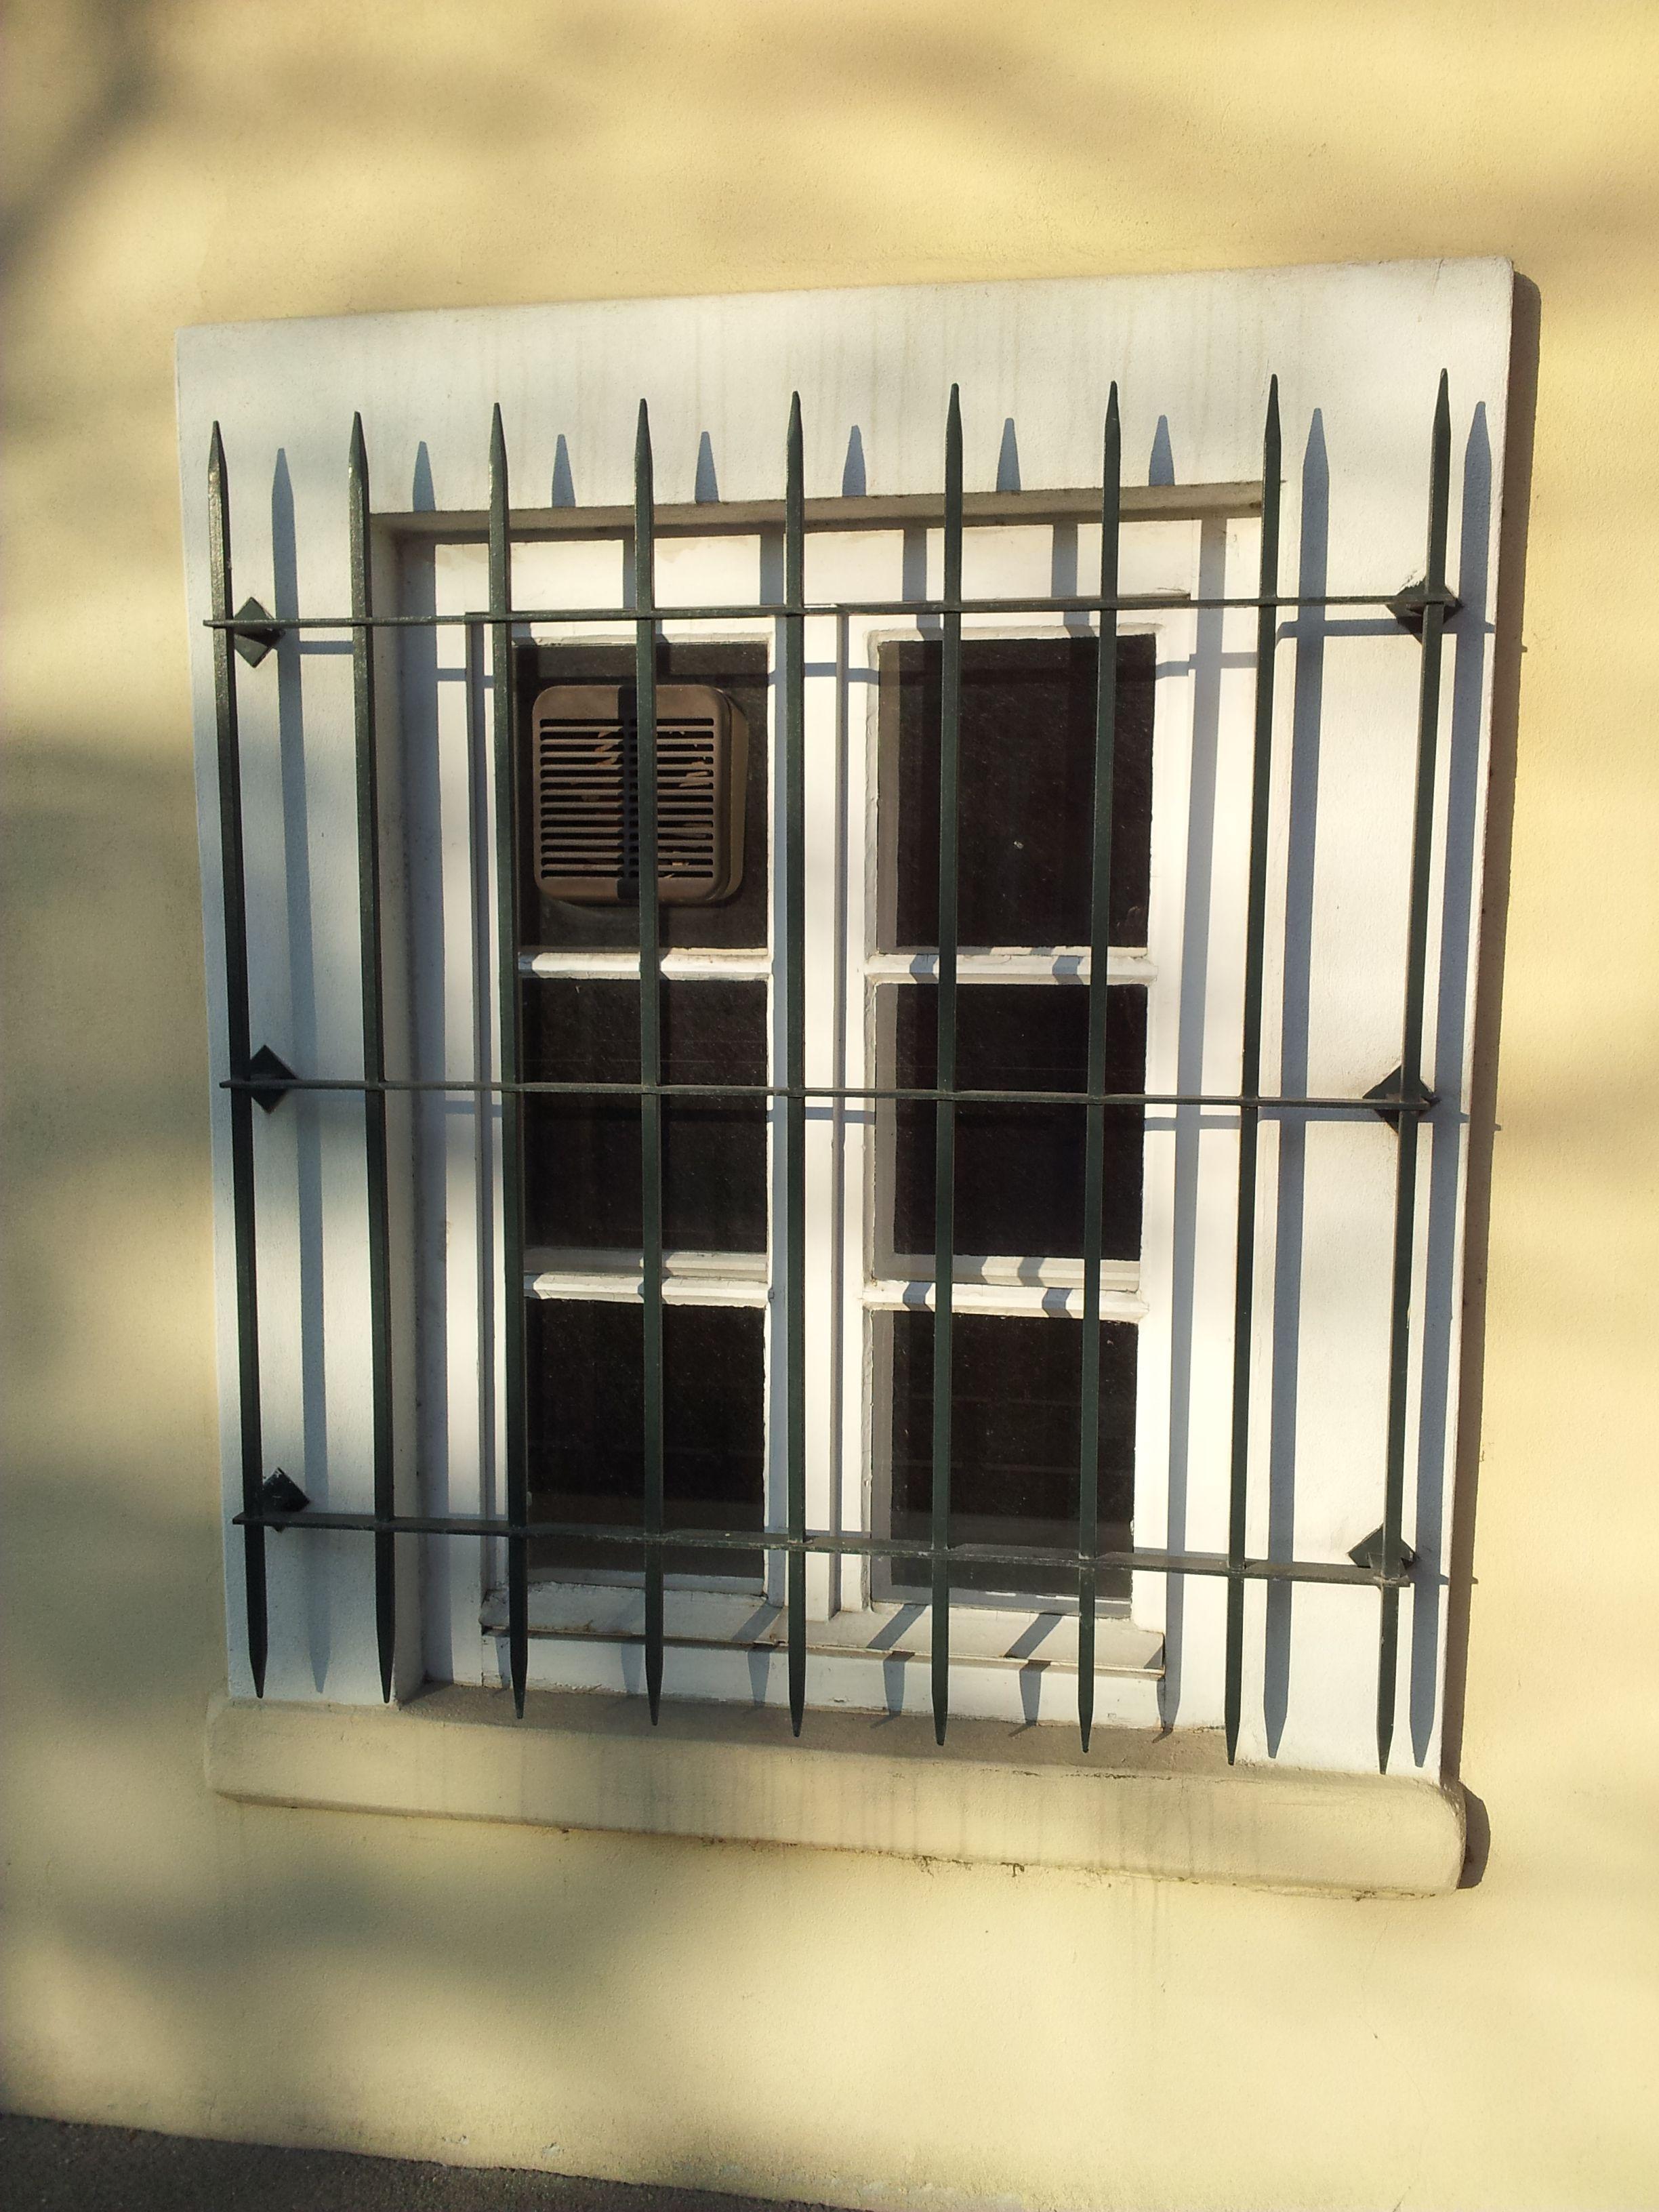 Jodi West Stuck In The Window